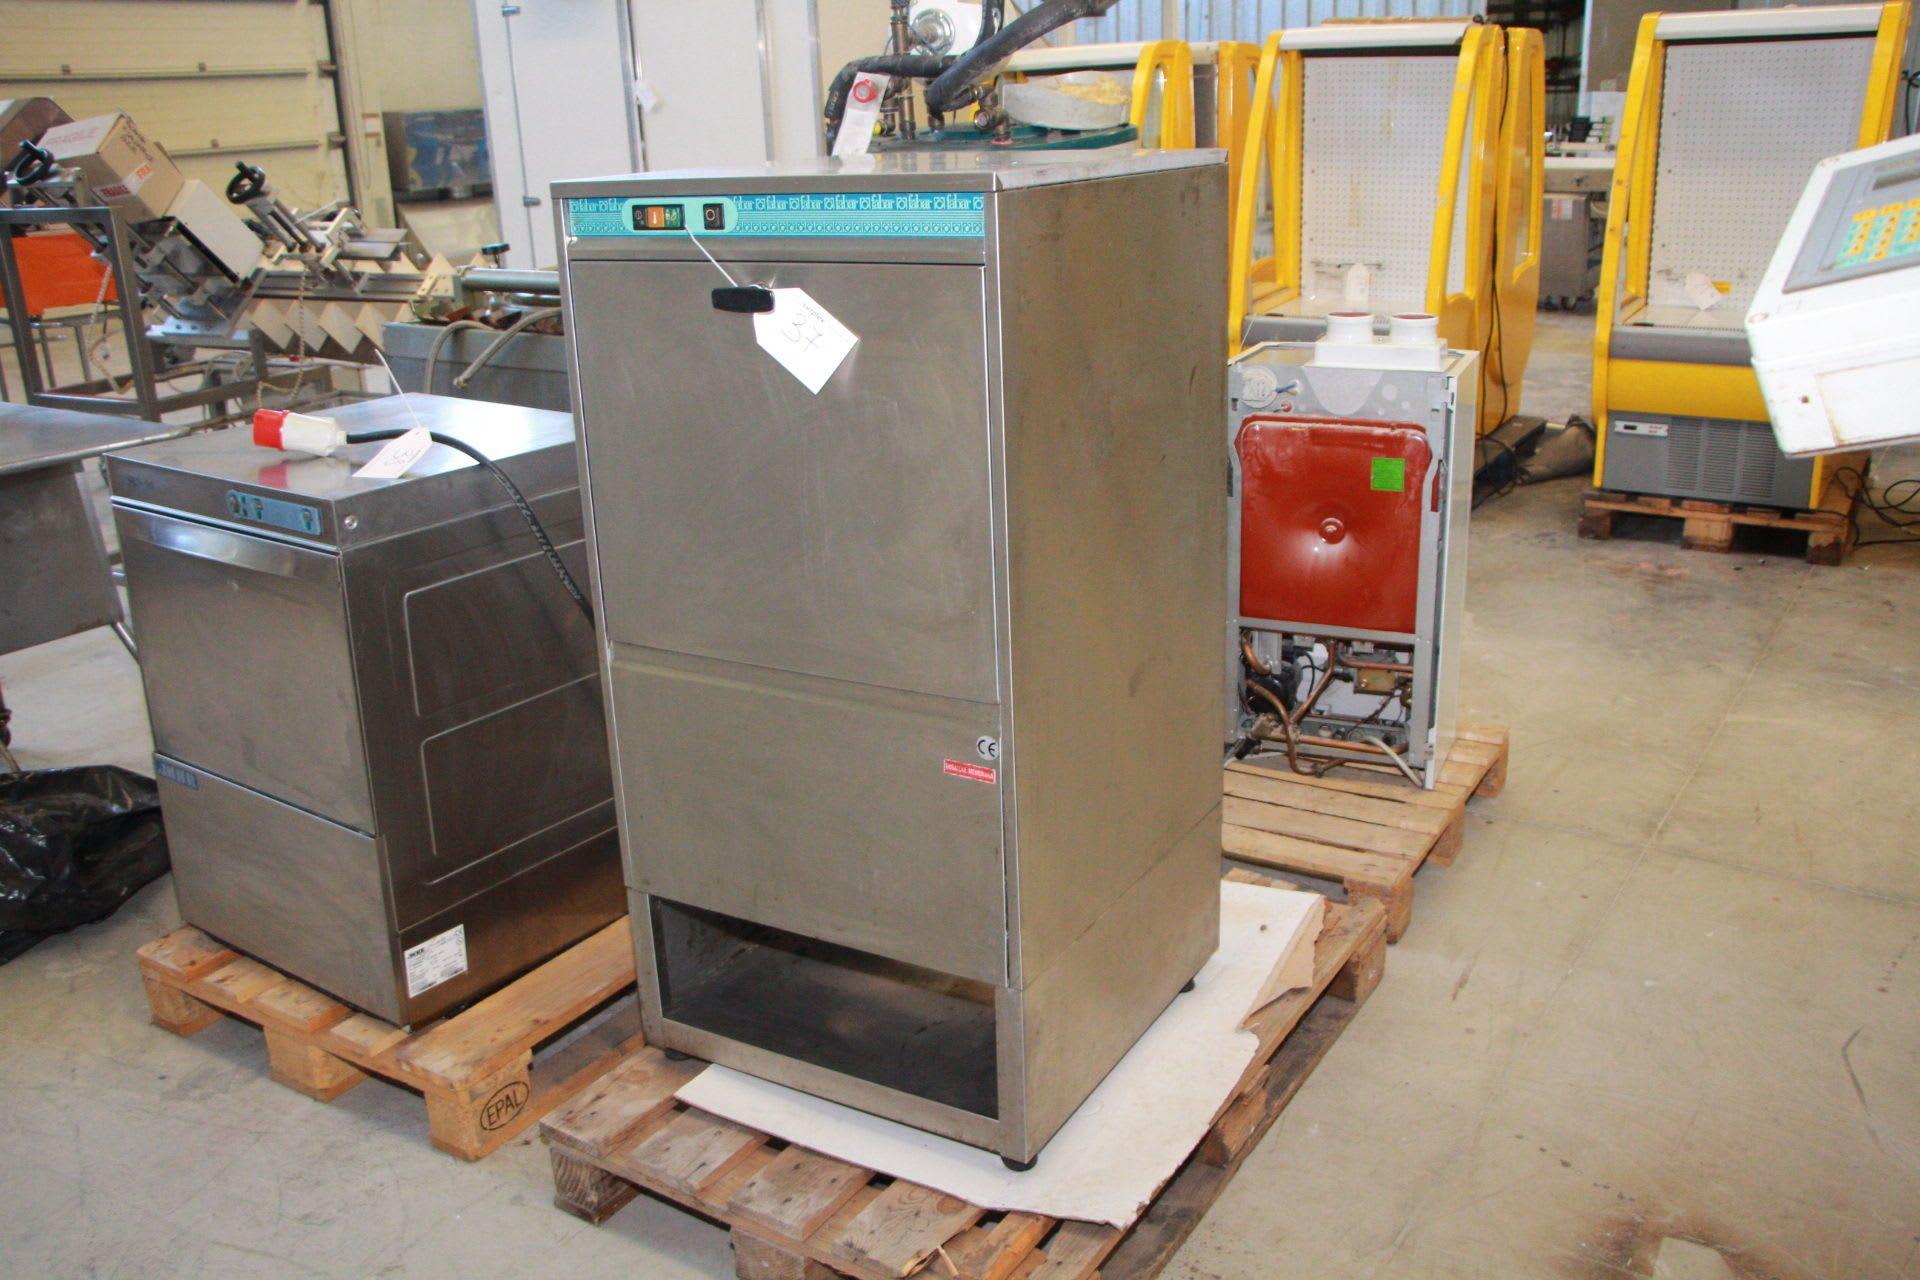 FABAR Q 50 FA Professionelle Geschirrspülmaschine